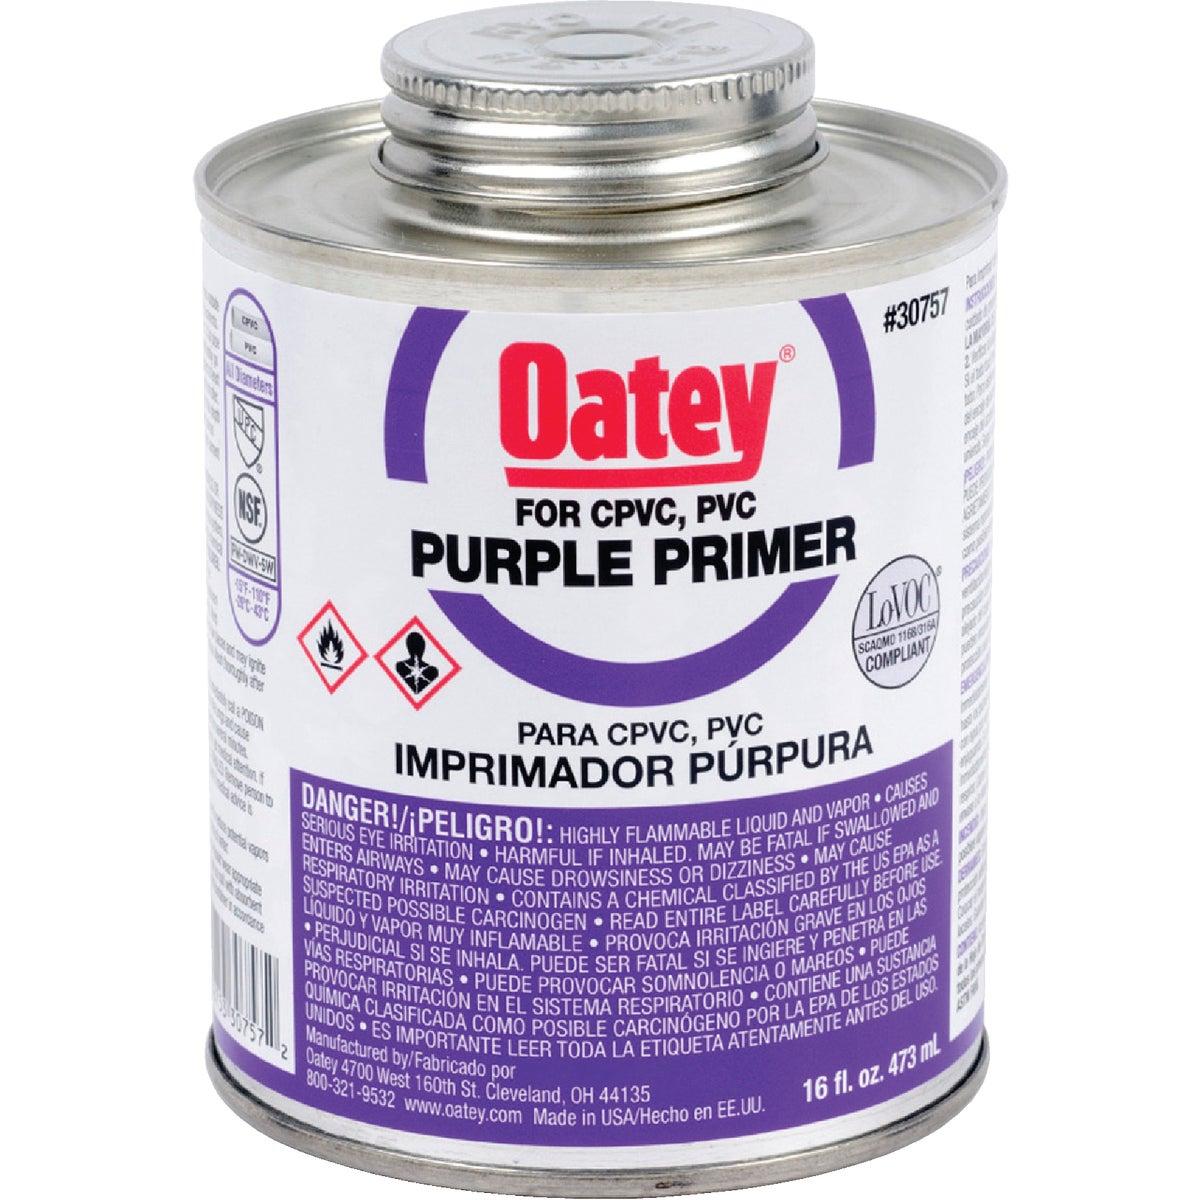 Oatey PINT PURPLE PRIMER 30757